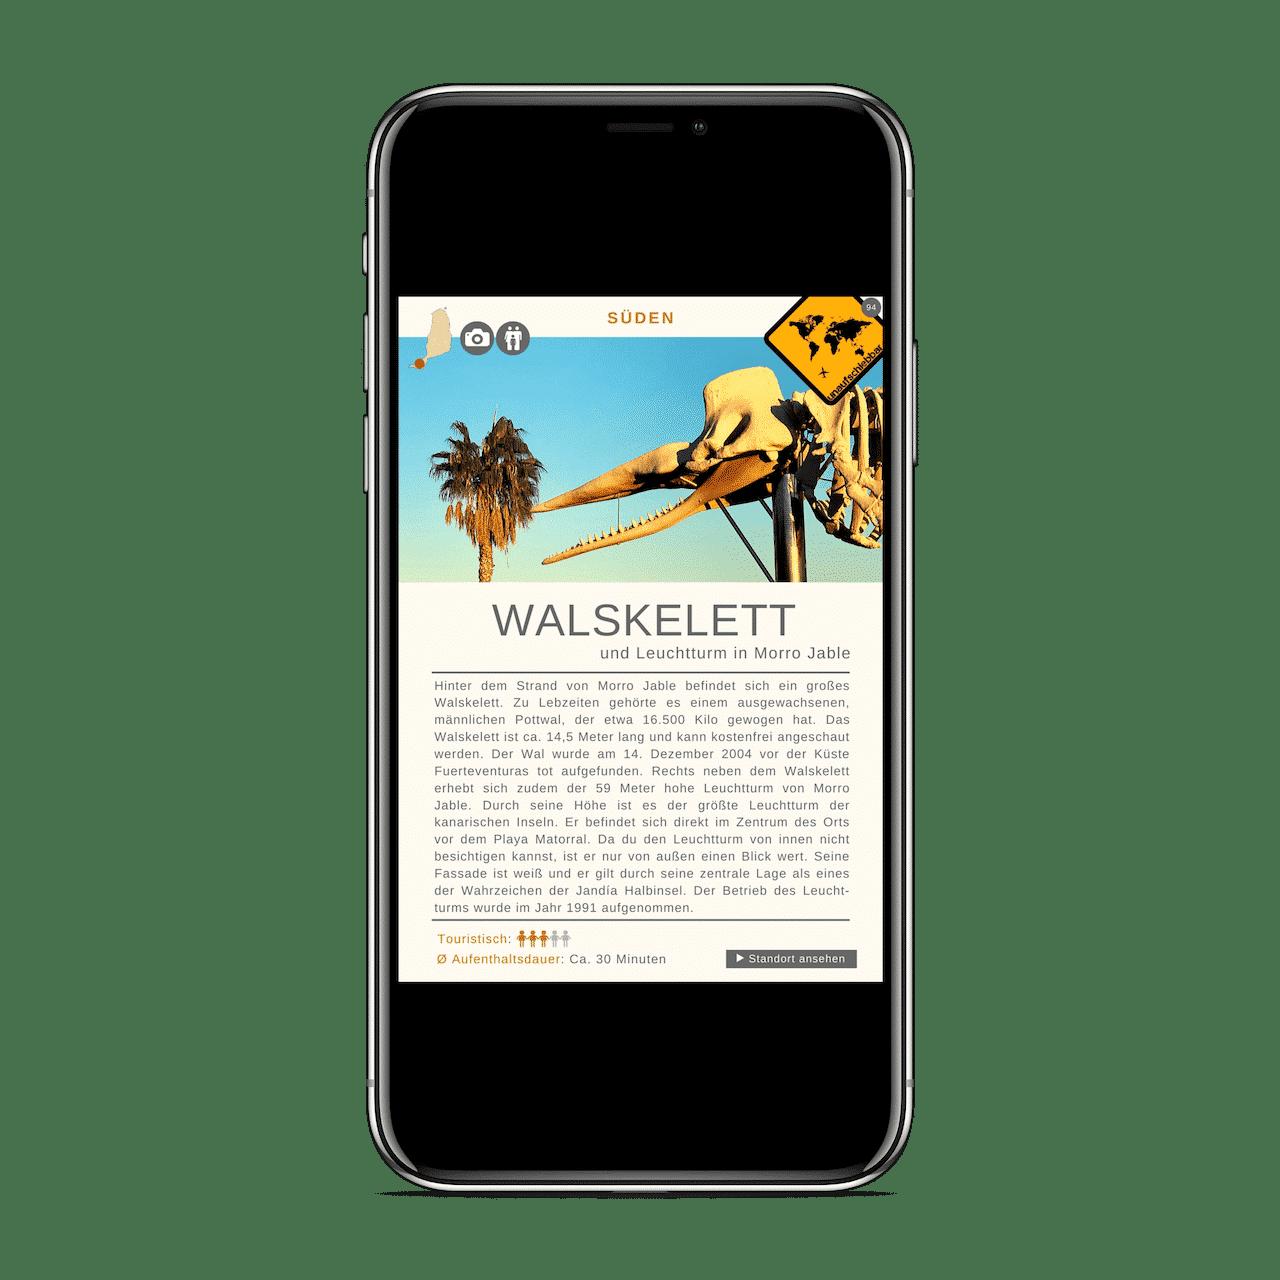 Fuerteventura Reiseführer Walskelett iPhone